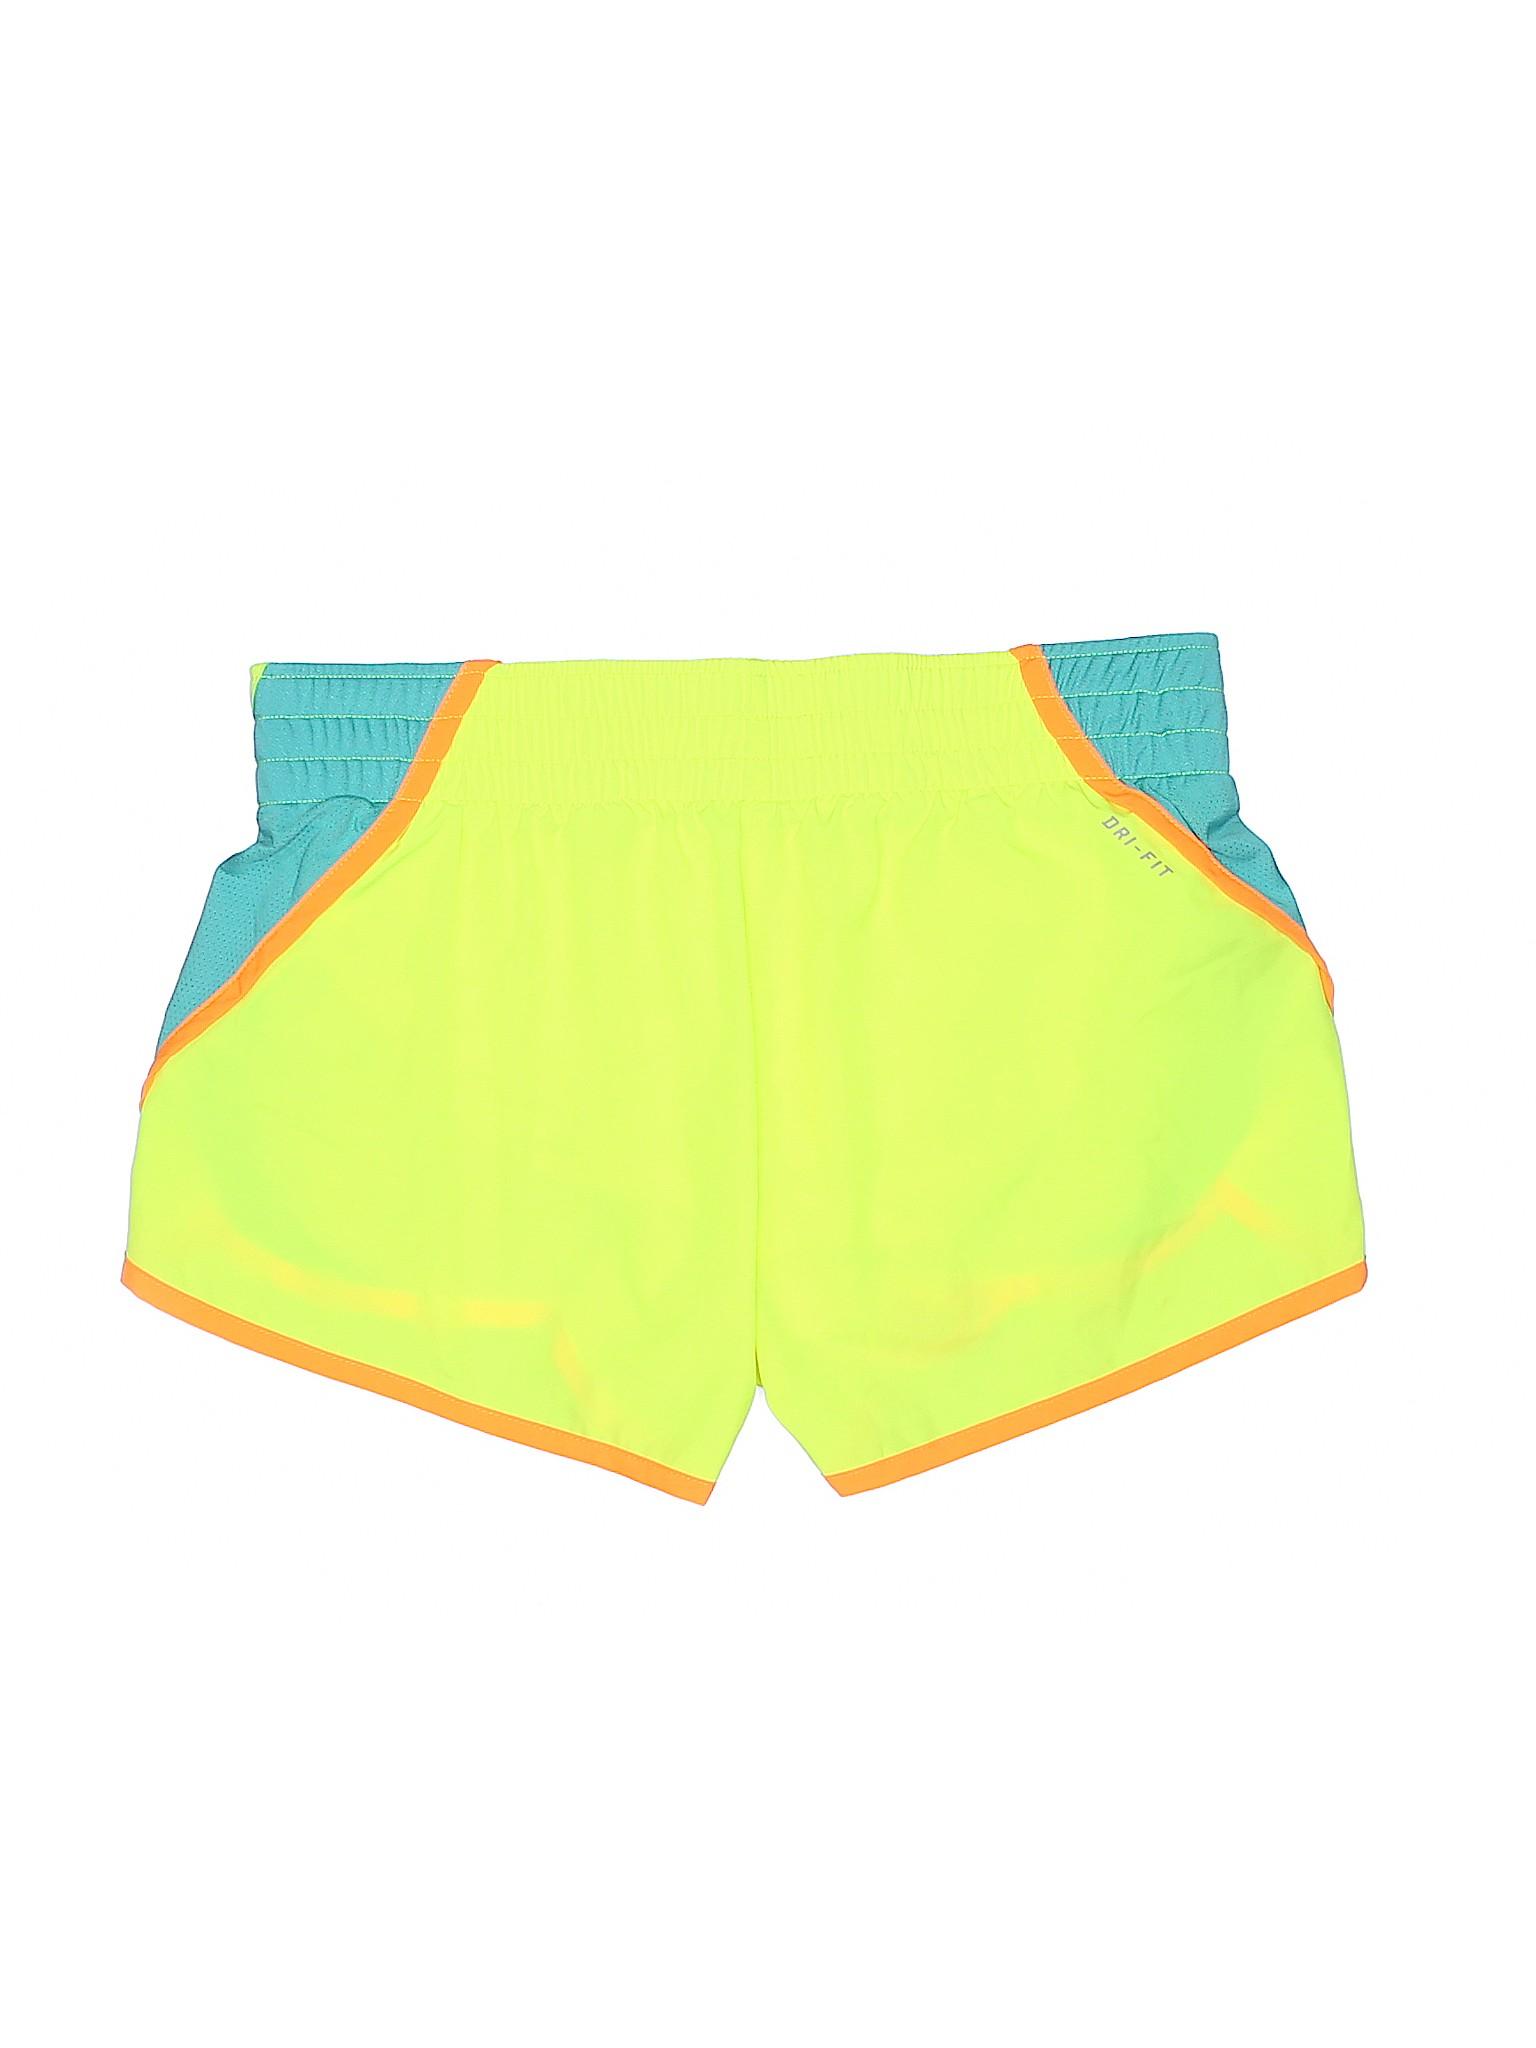 Nike Boutique Athletic Shorts Boutique Athletic Boutique Nike Shorts Nike Athletic BdIwnfPBxq